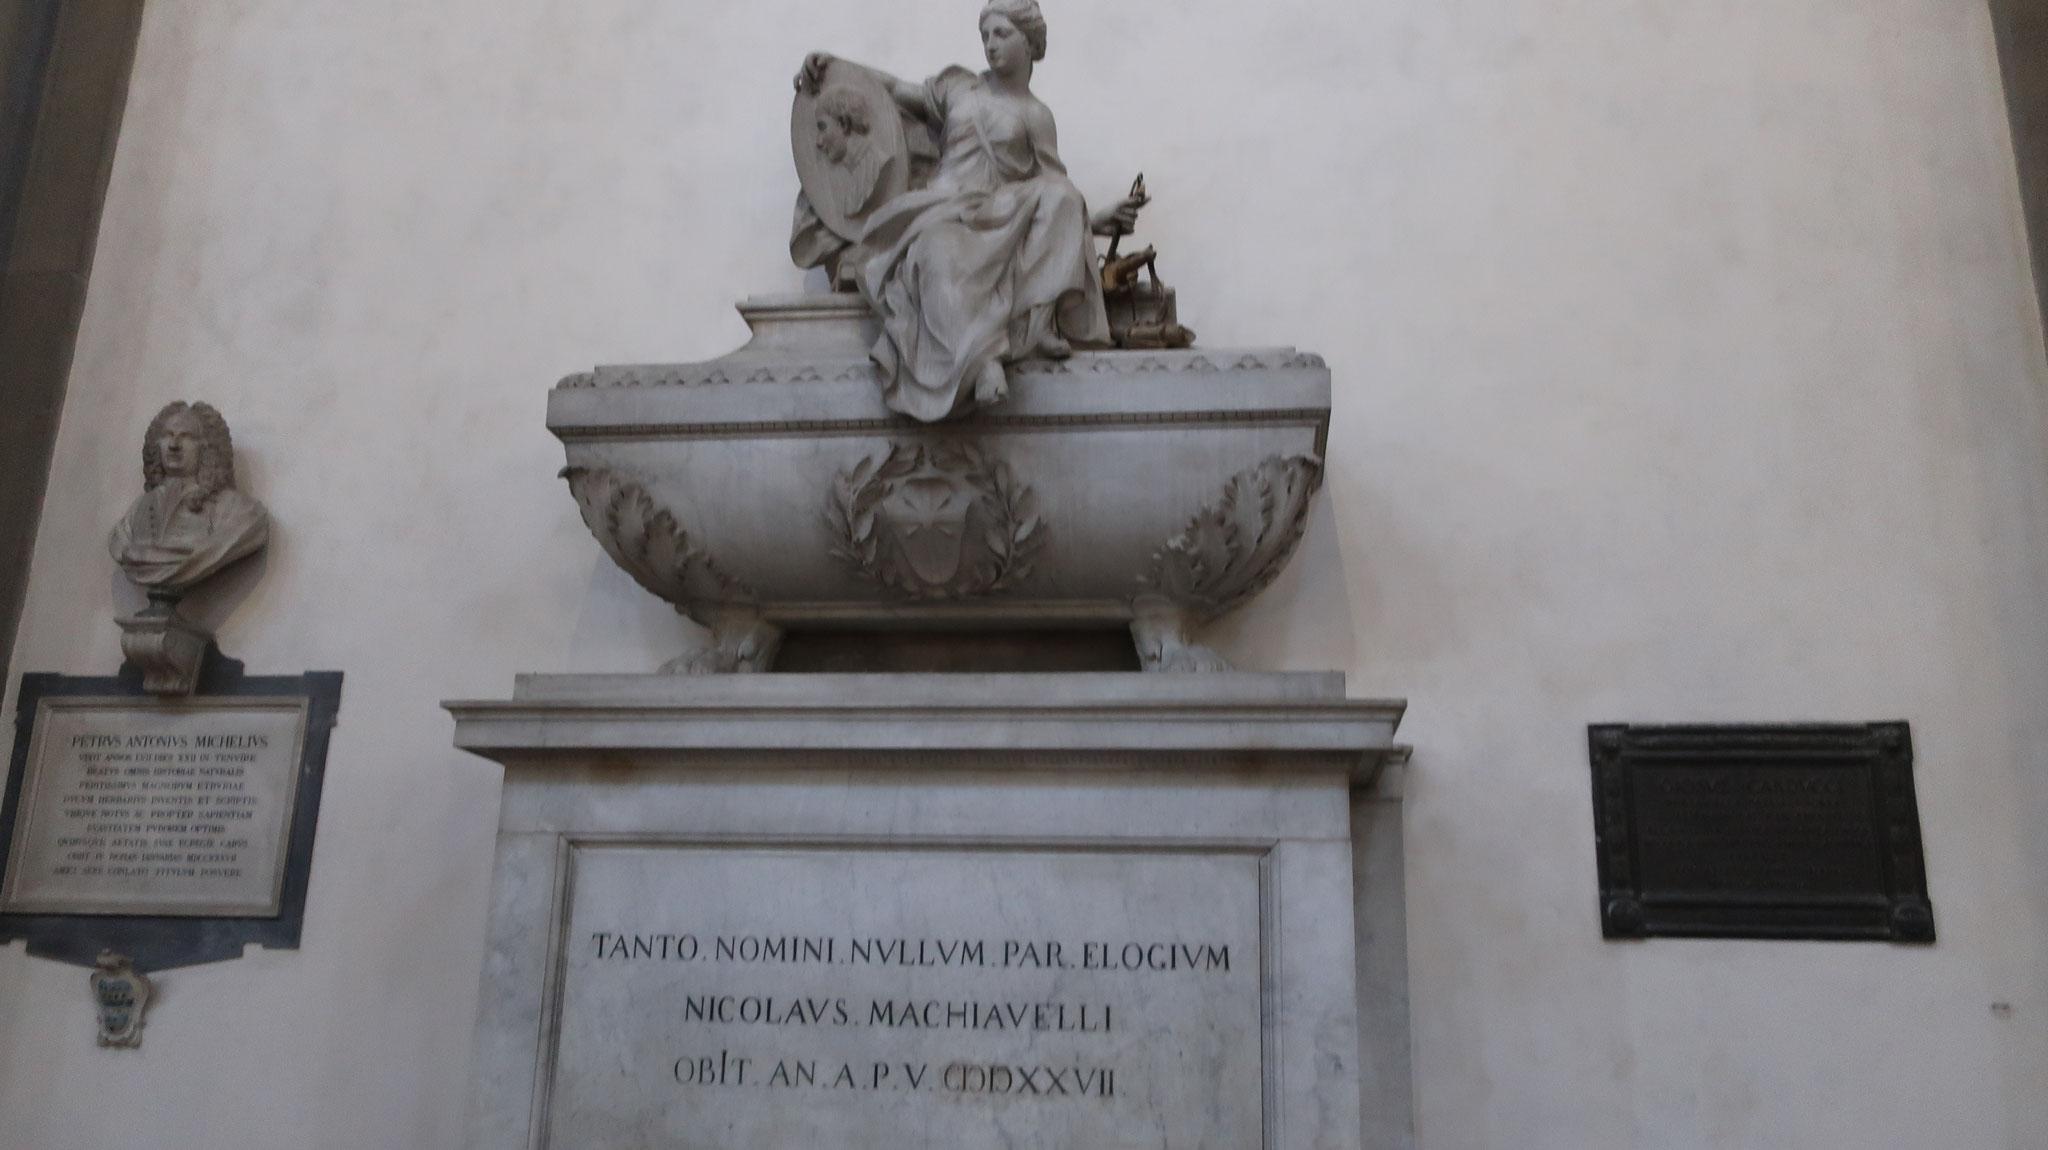 「君主論」の著者N.マキャベッリの墓